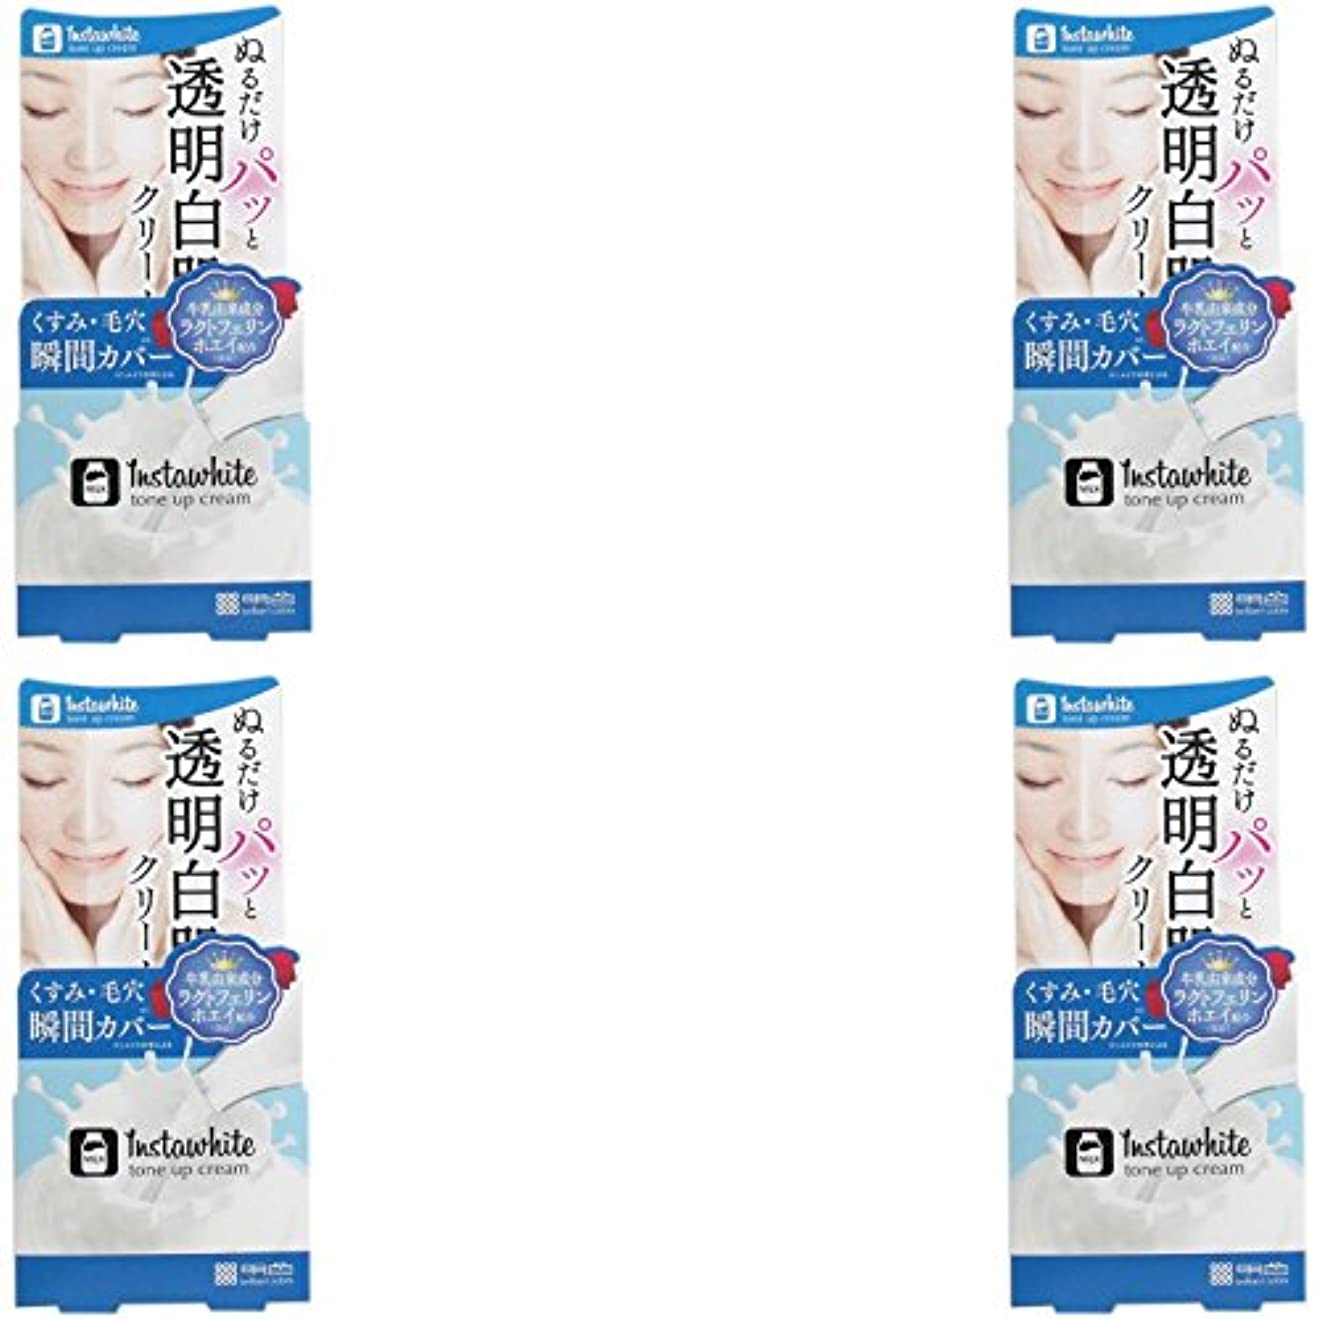 既に愛人韓国【まとめ買い】インスタホワイト トーンアップクリーム 50g【×4個】